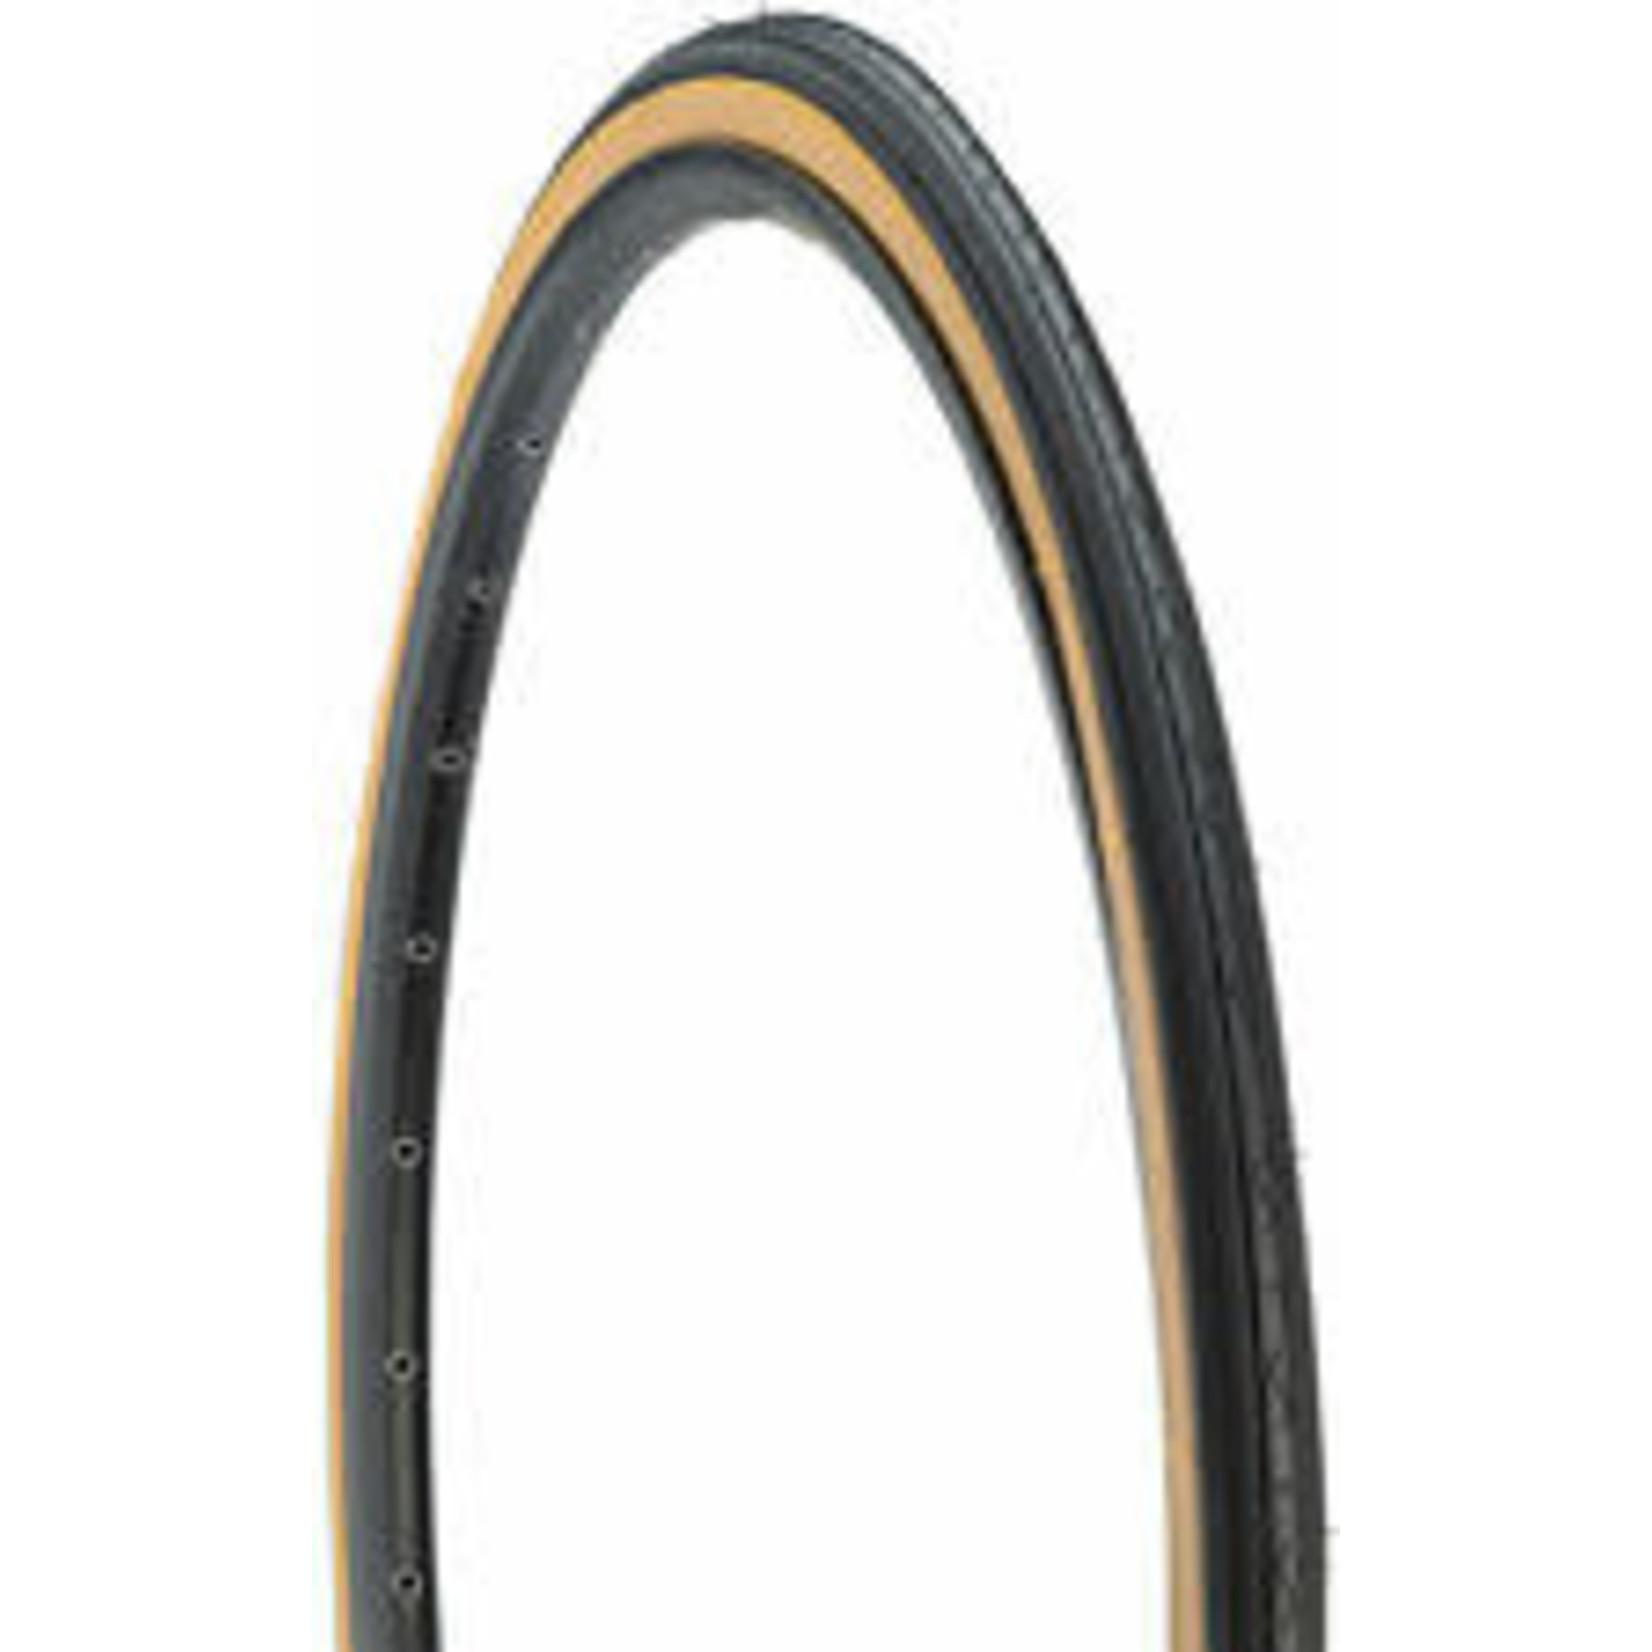 Kenda Gumside K40 Wire Bead Tire, 24x1-3/8